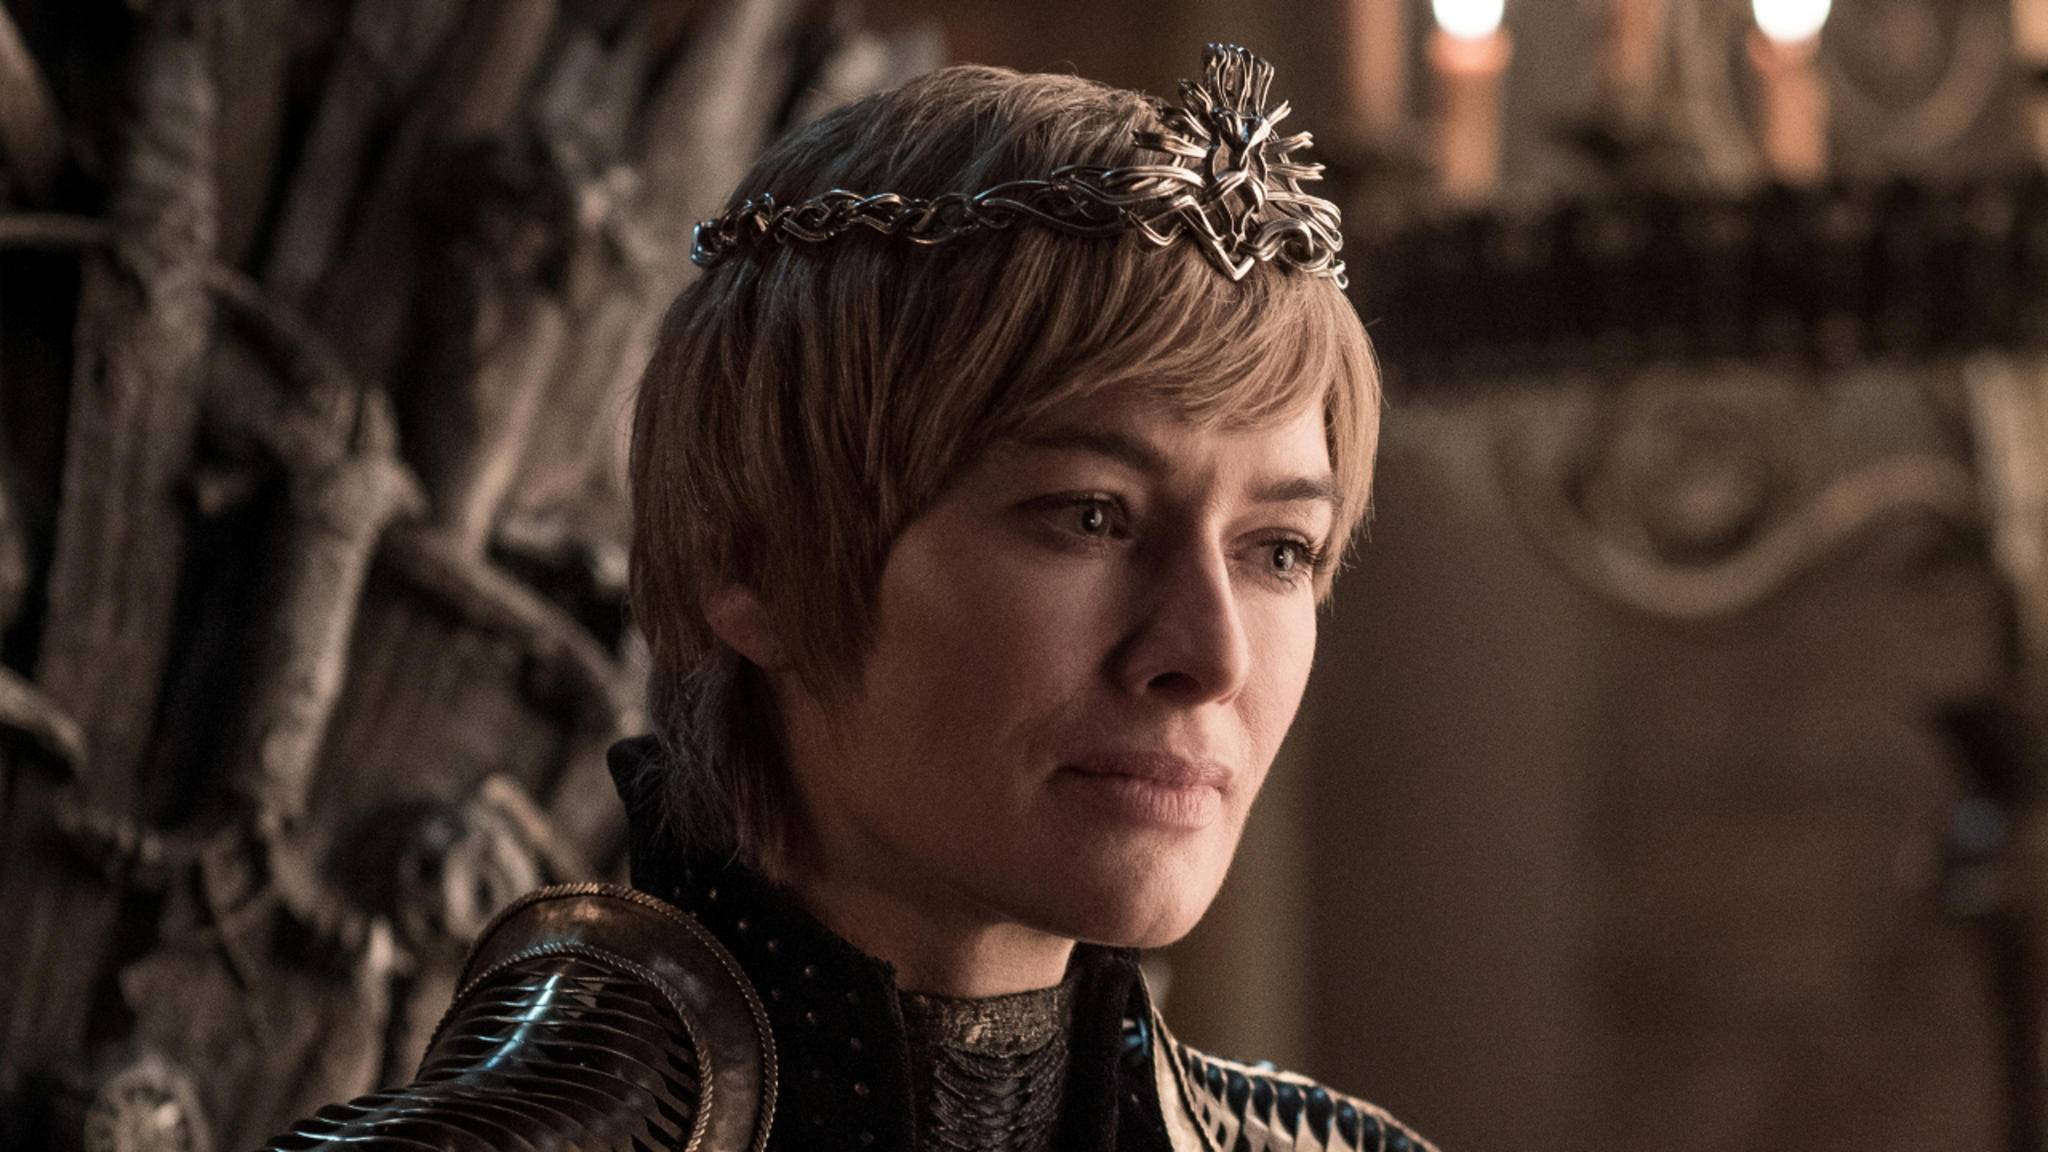 Du brauchst gar nicht so mitleidig zu gucken, Cersei. Wir wissen, was Du getan hast!